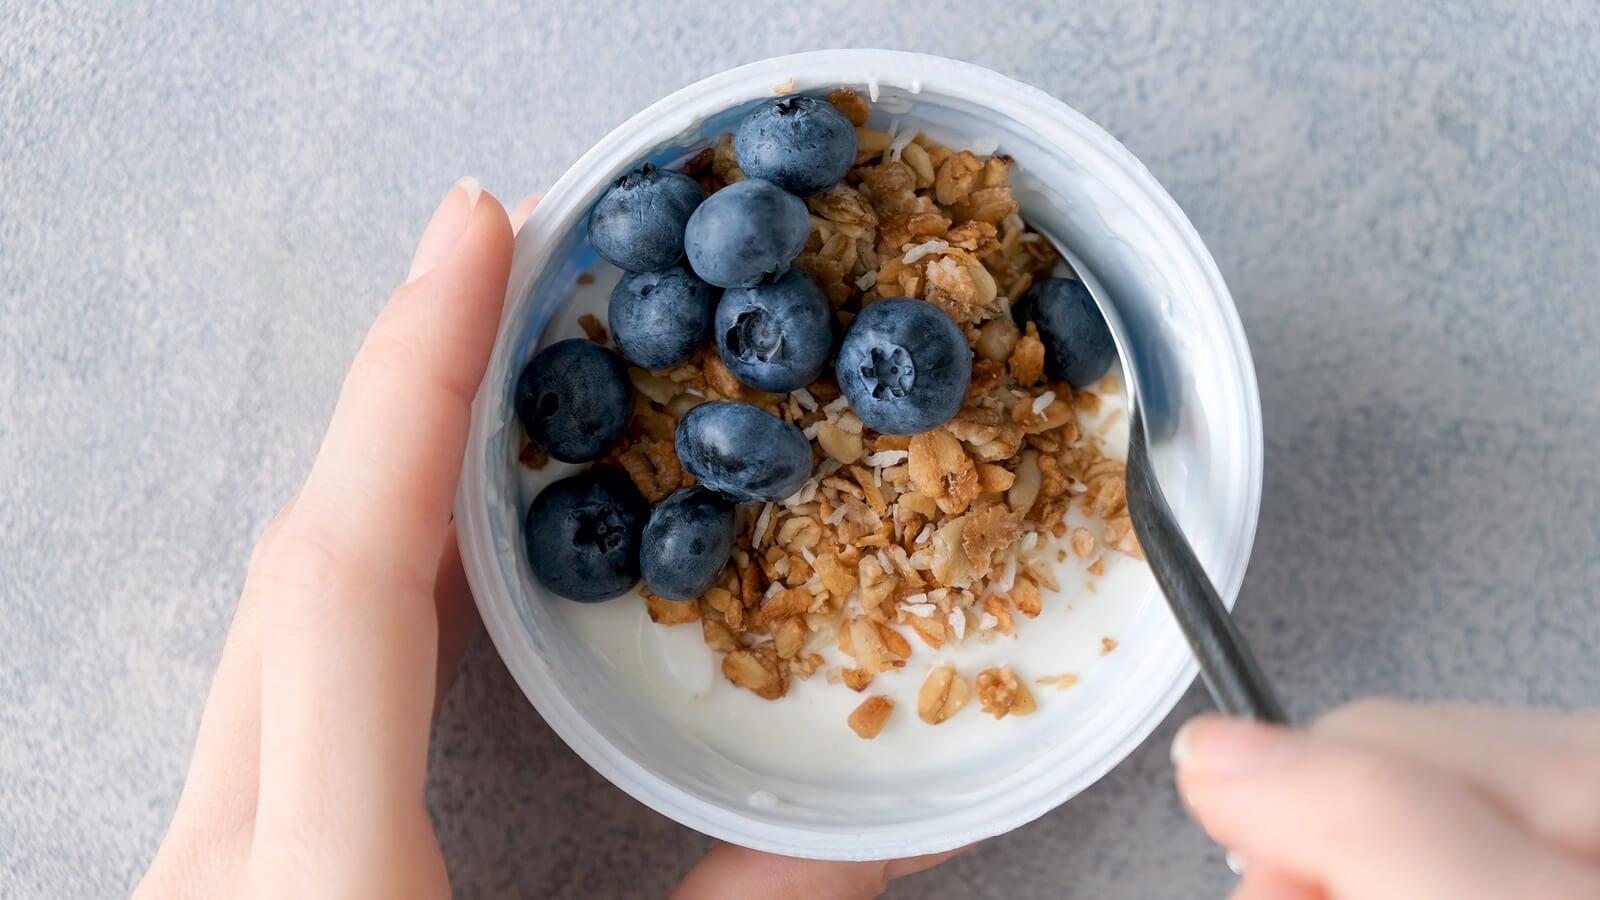 ¿Es bueno cenar solo fruta o yogur?